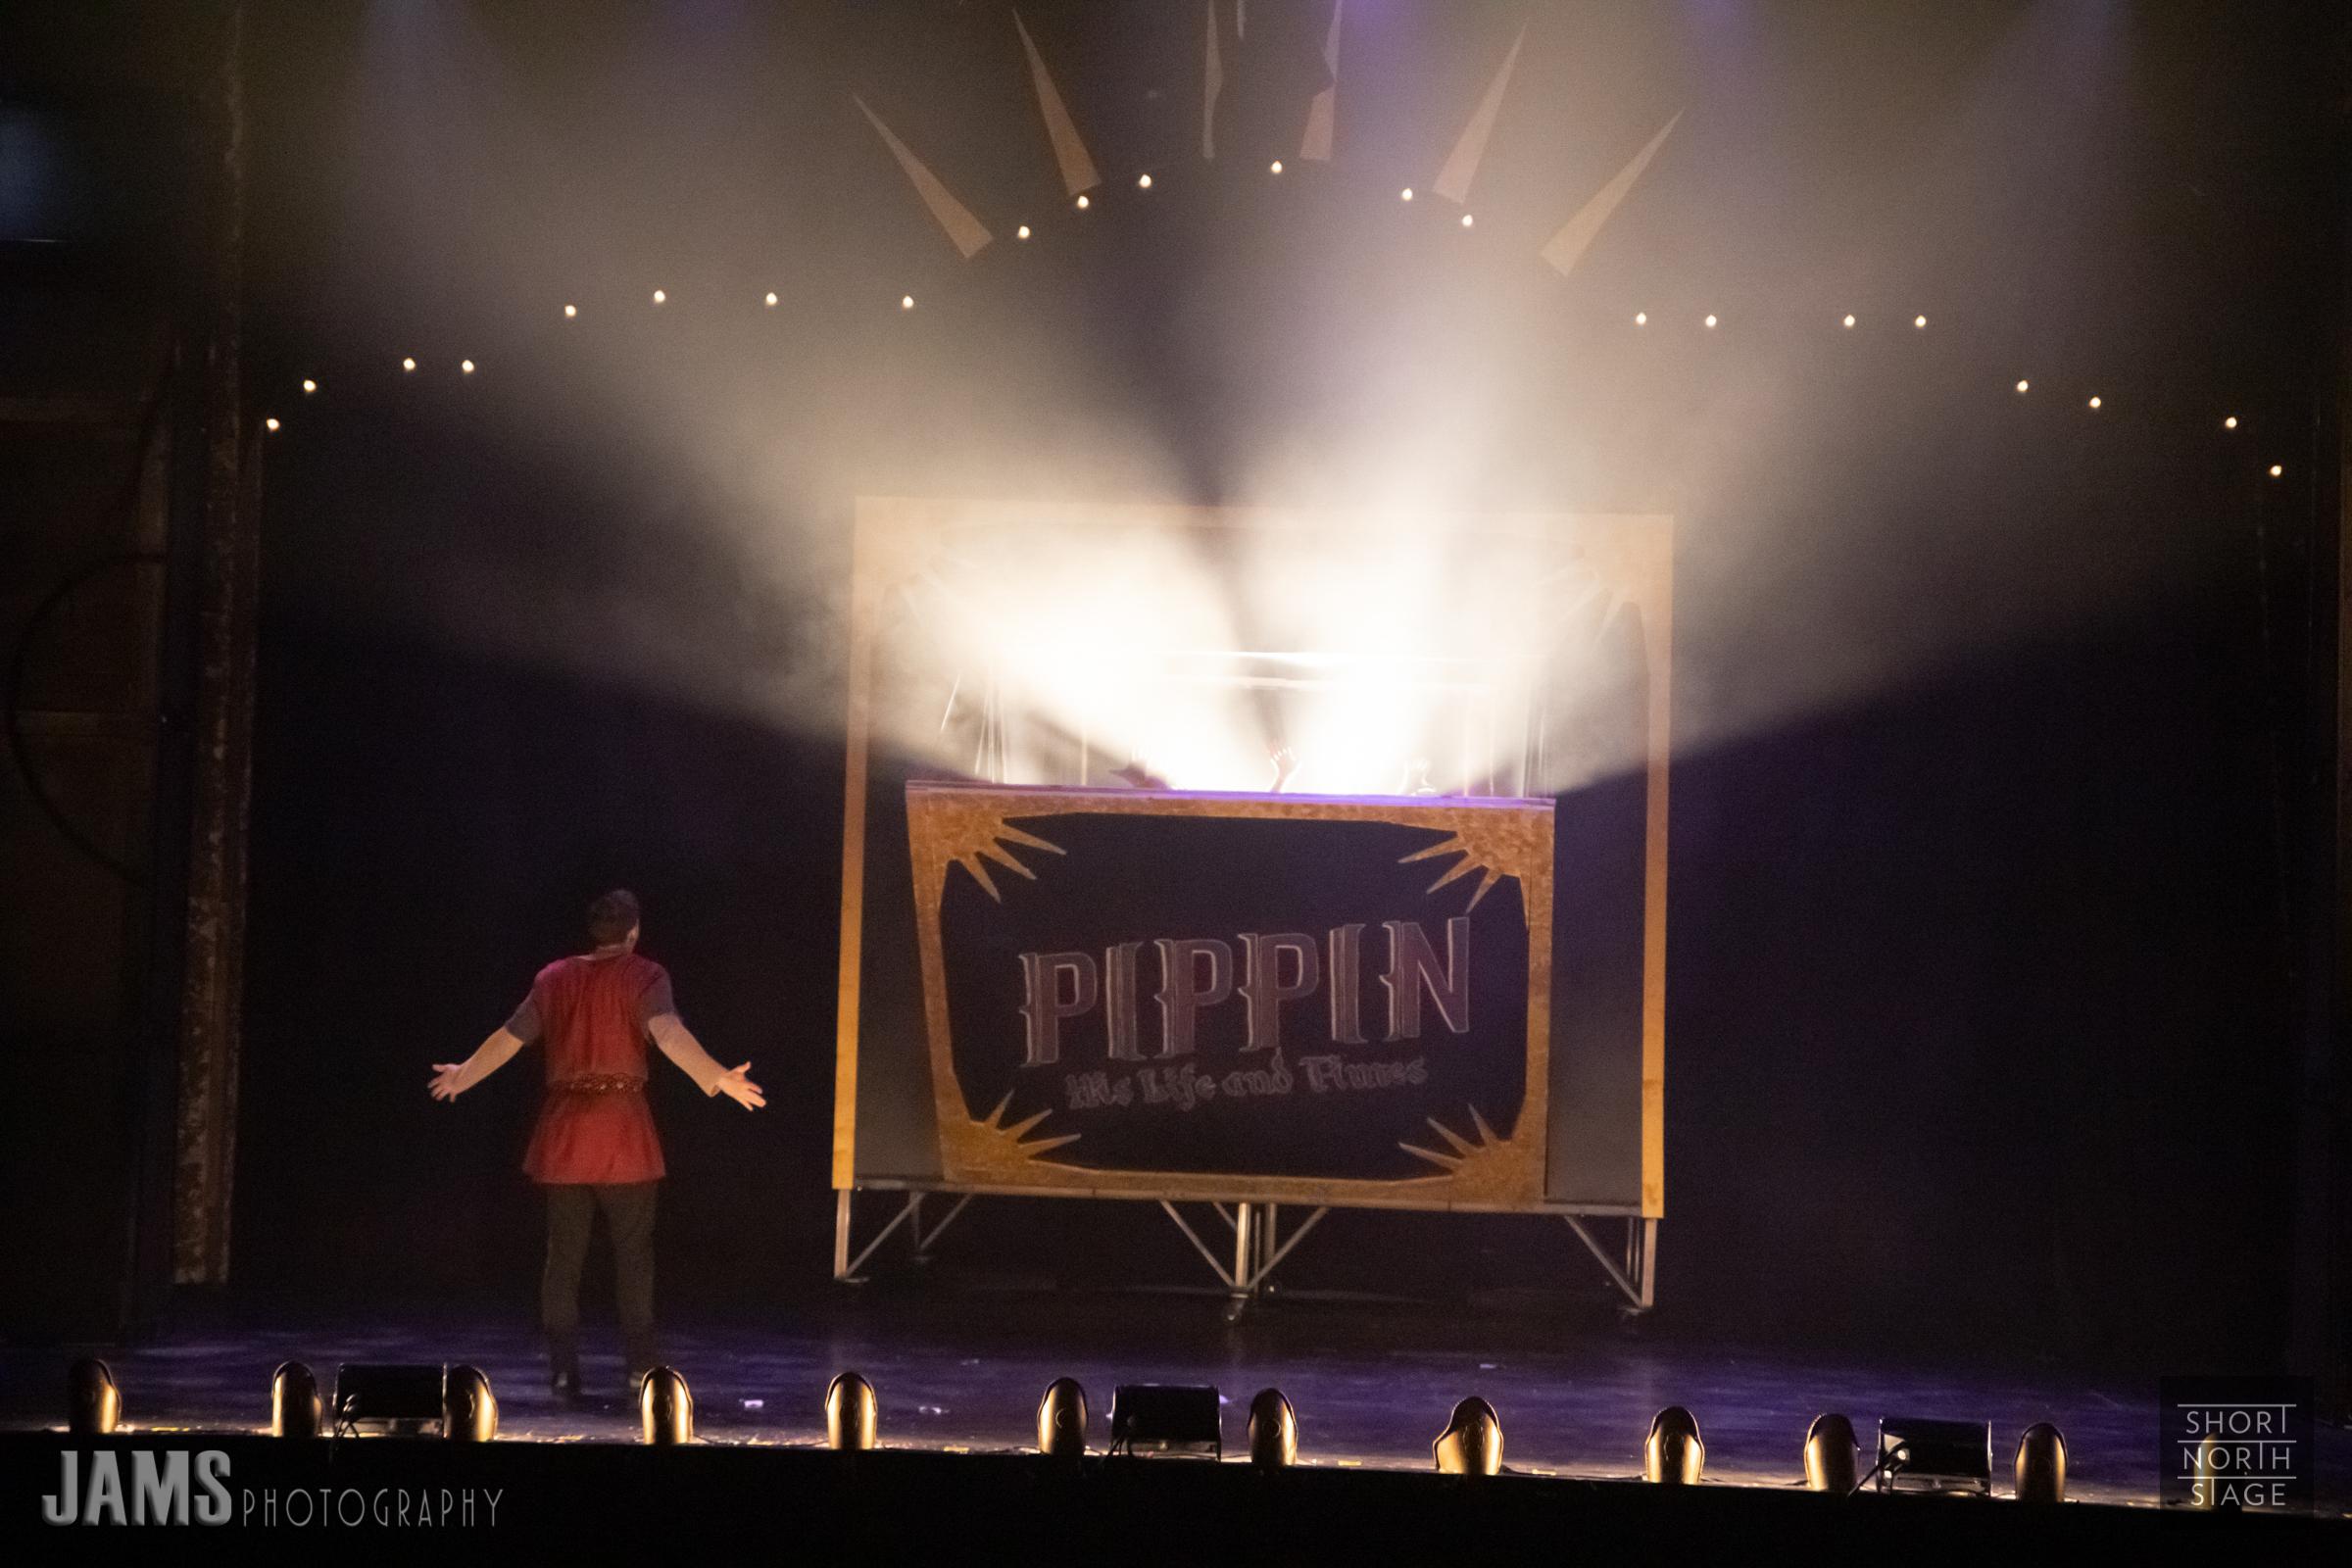 190413_2281_SNS Pippin_w-logo copy